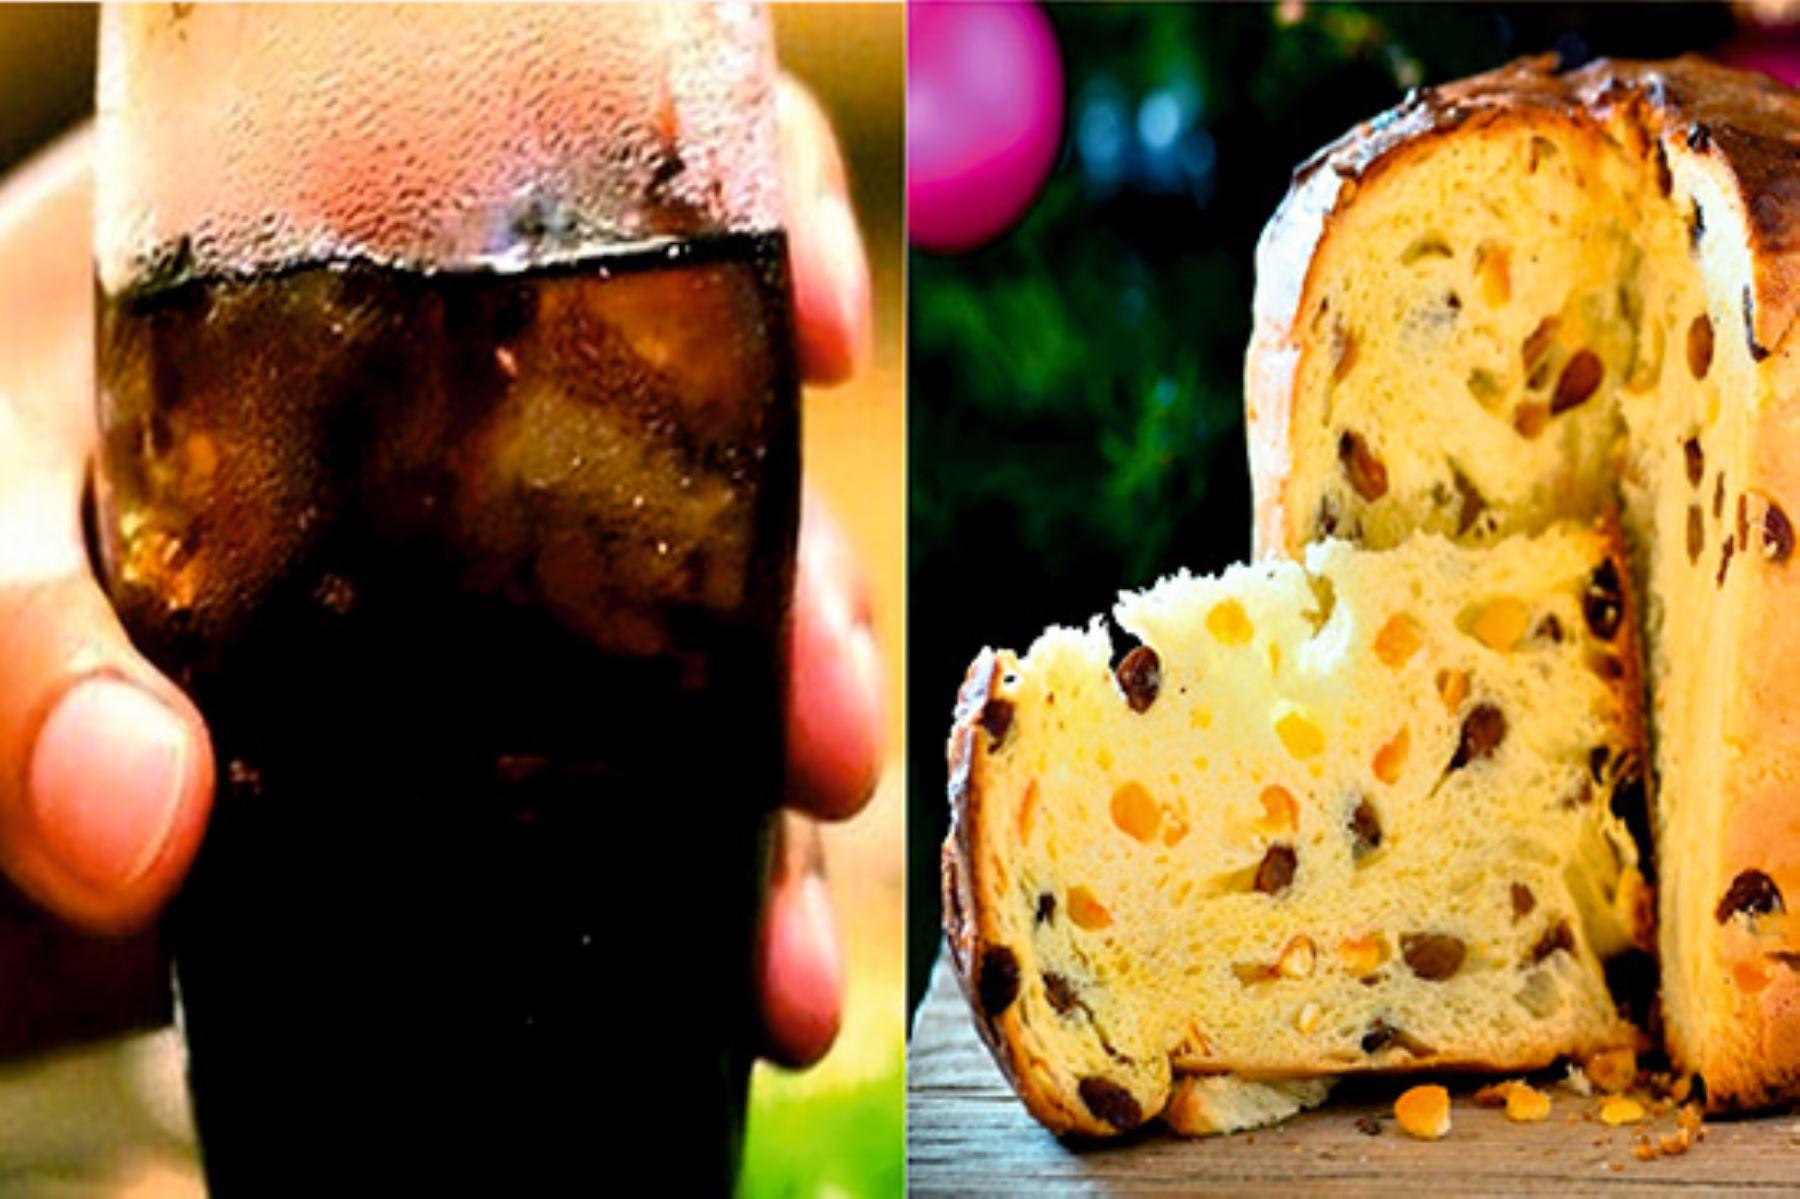 Experto pidió a la población no excederse en el consumo de calorías y azúcar en las fiestas de Navidad y Año Nuevo. Foto: EsSalud